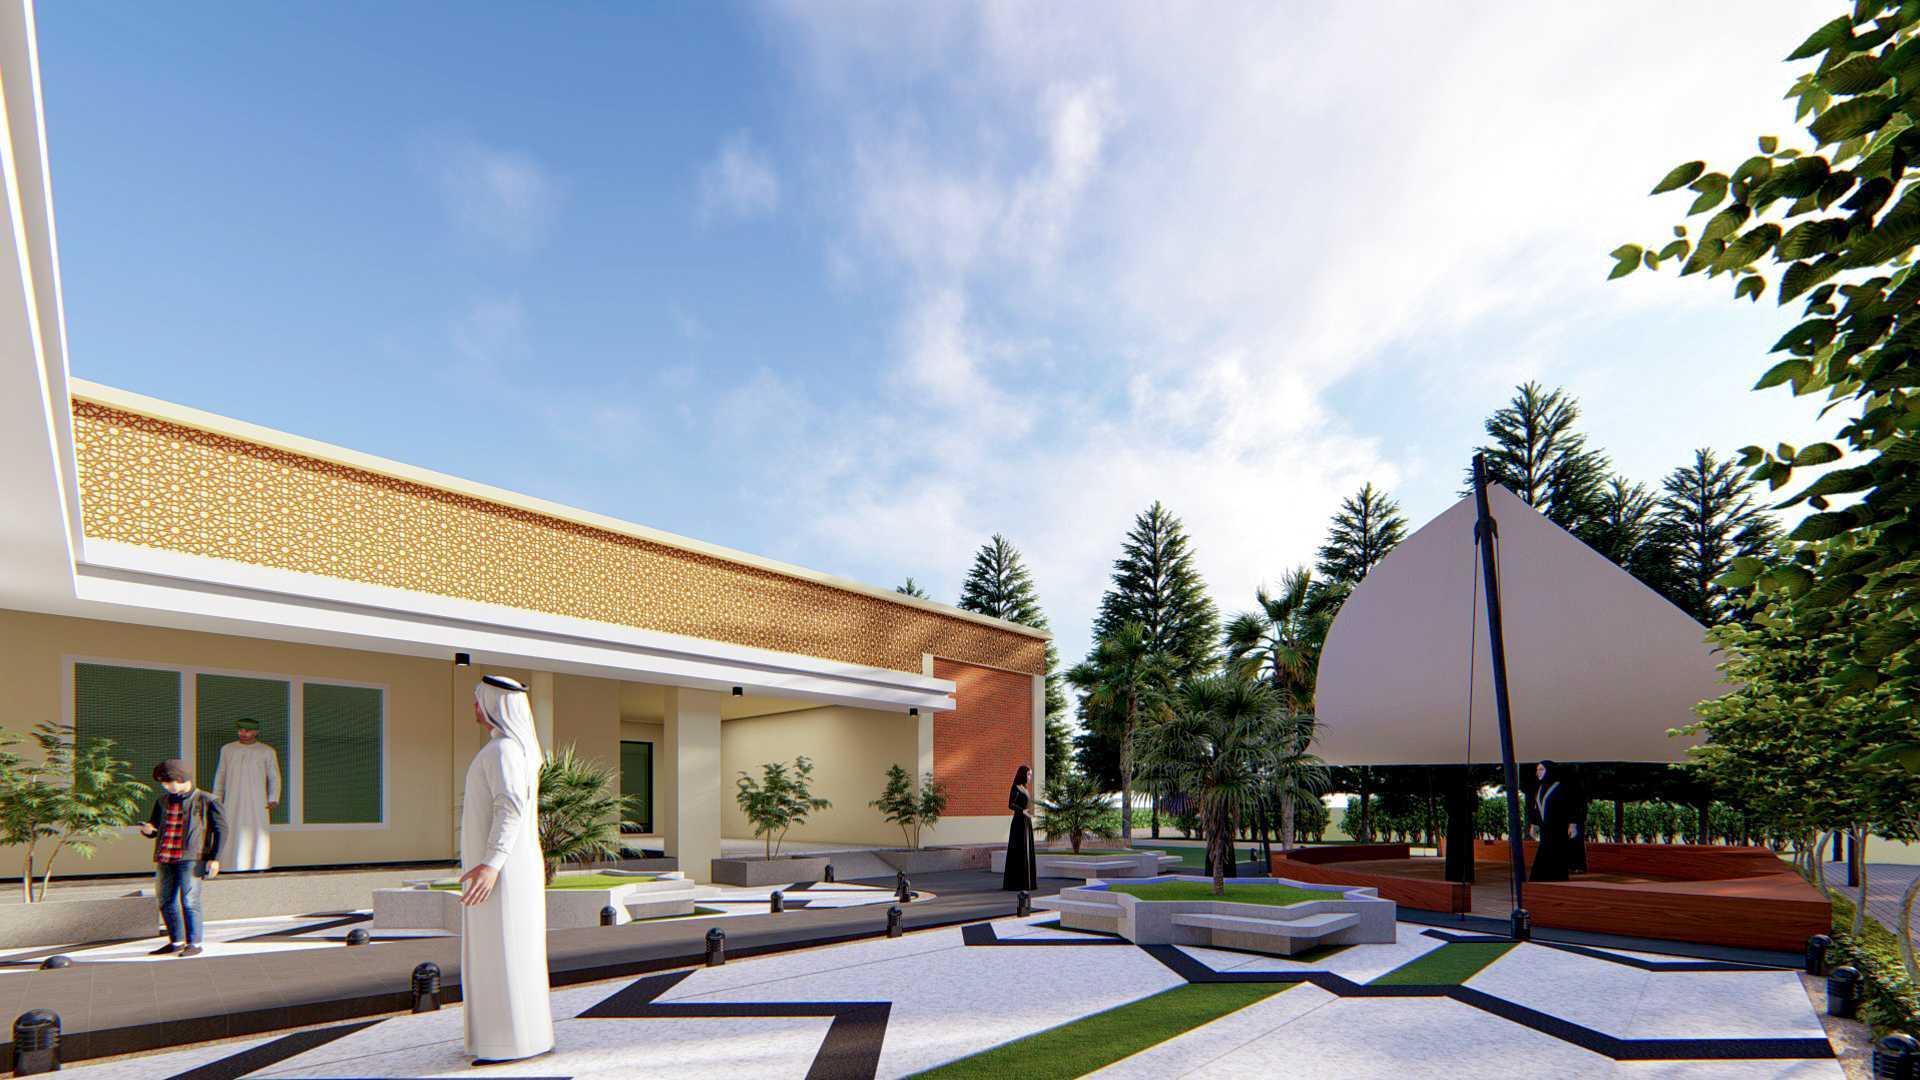 Dib Studio Masjid An-Nur Gkn Makassar, Kota Makassar, Sulawesi Selatan, Indonesia Makassar, Kota Makassar, Sulawesi Selatan, Indonesia Dib-Studio-Masjid-An-Nur-Gkn   85873